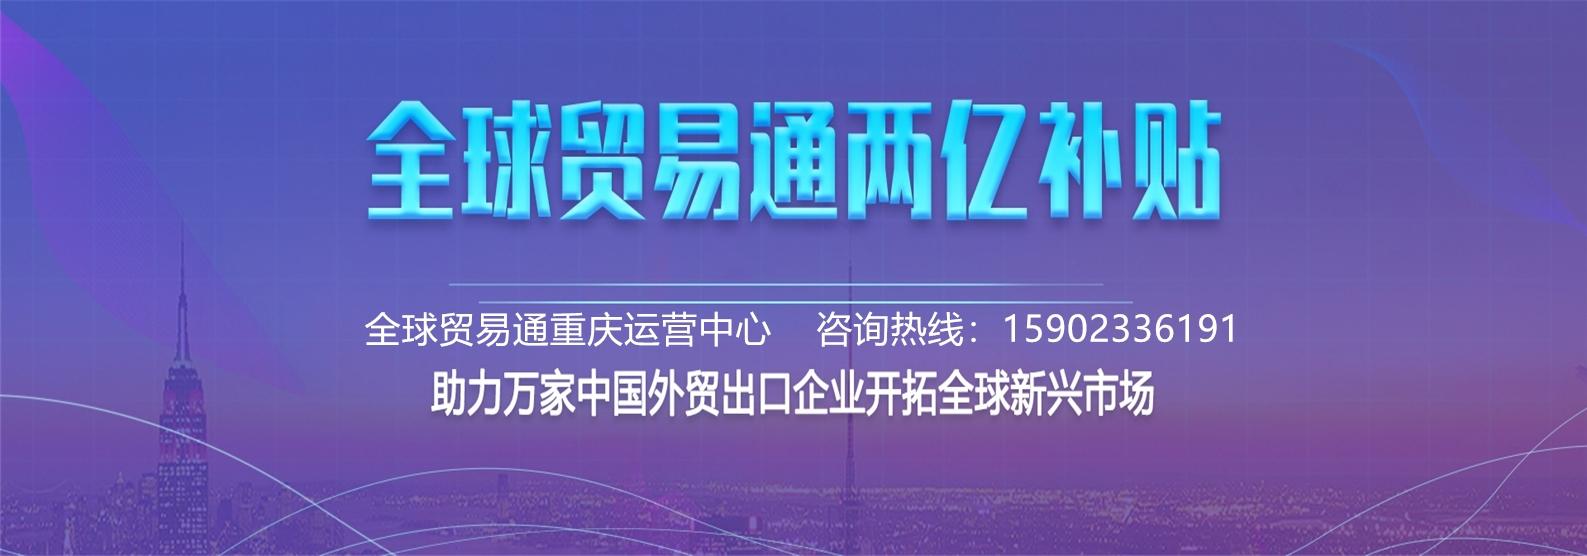 重庆外贸建站公司